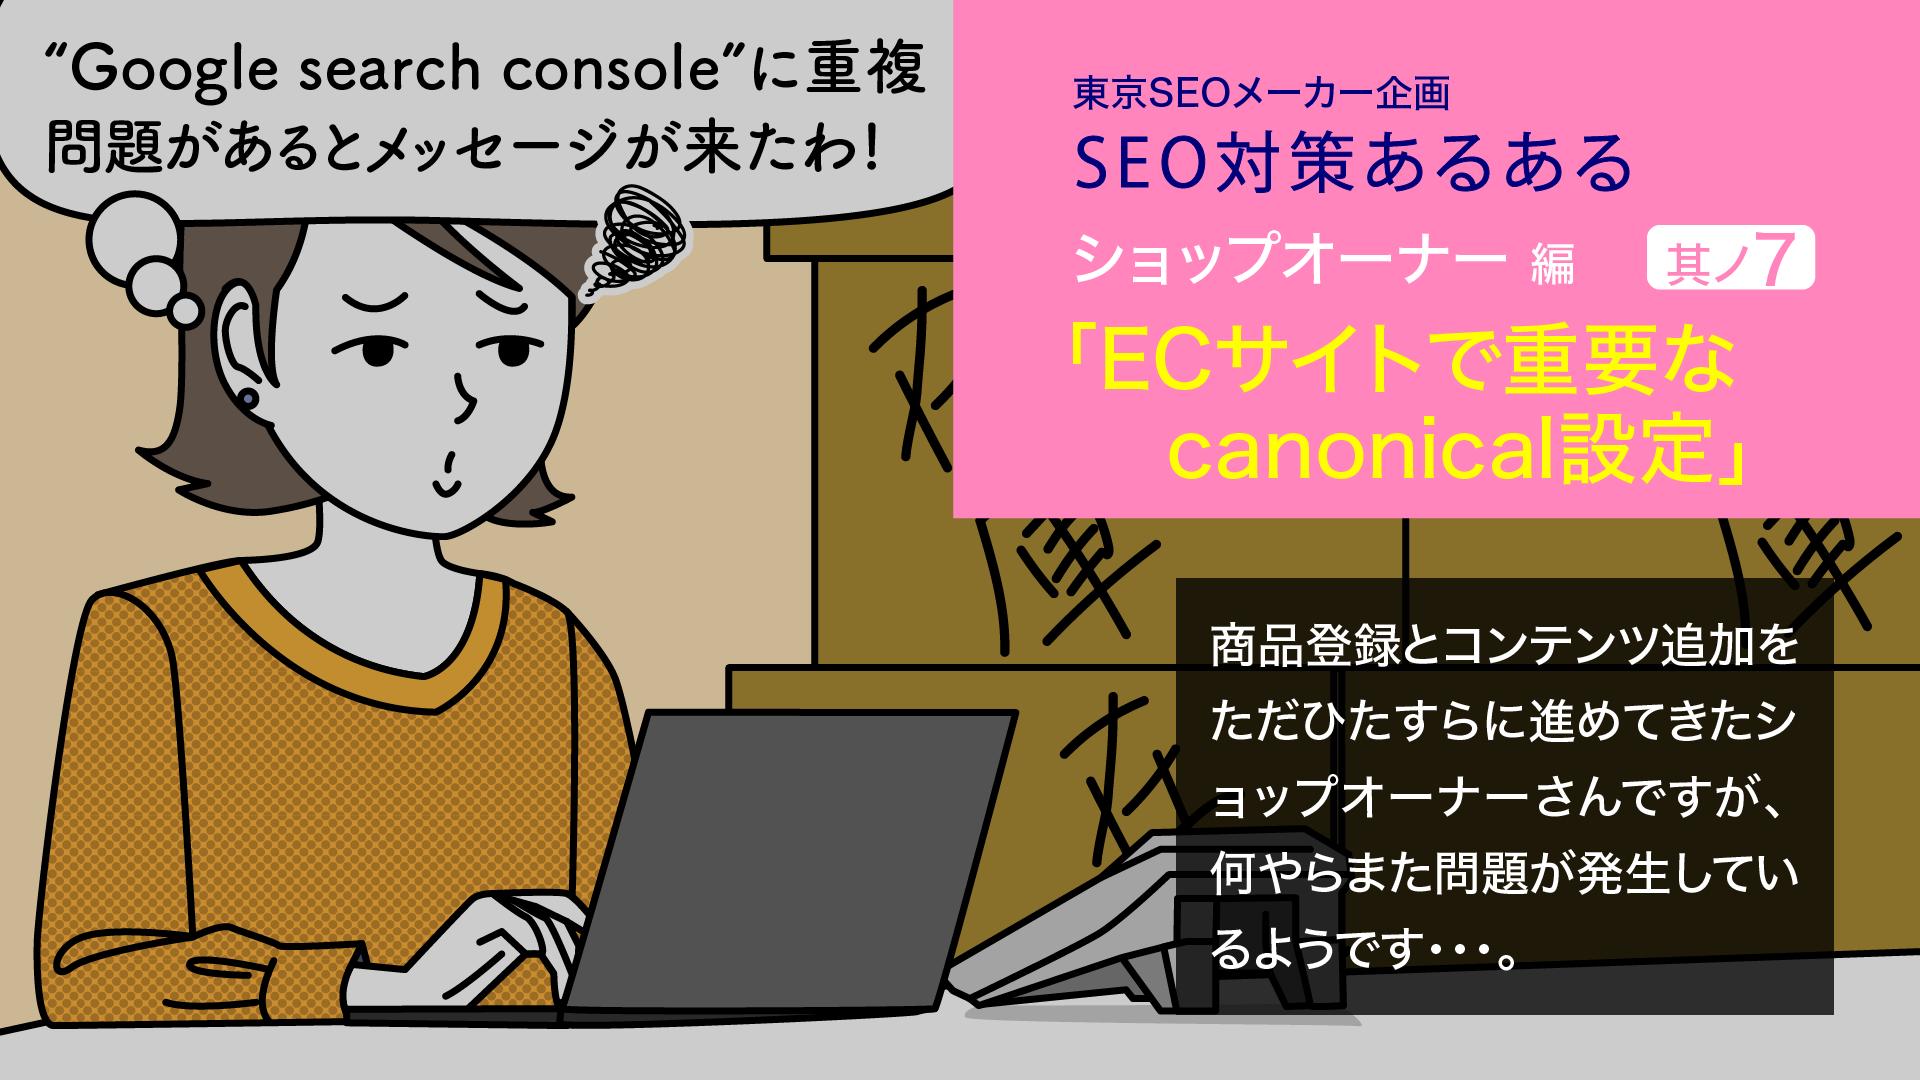 SEOあるある漫画‐ECサイトで重要なcanonical設定①